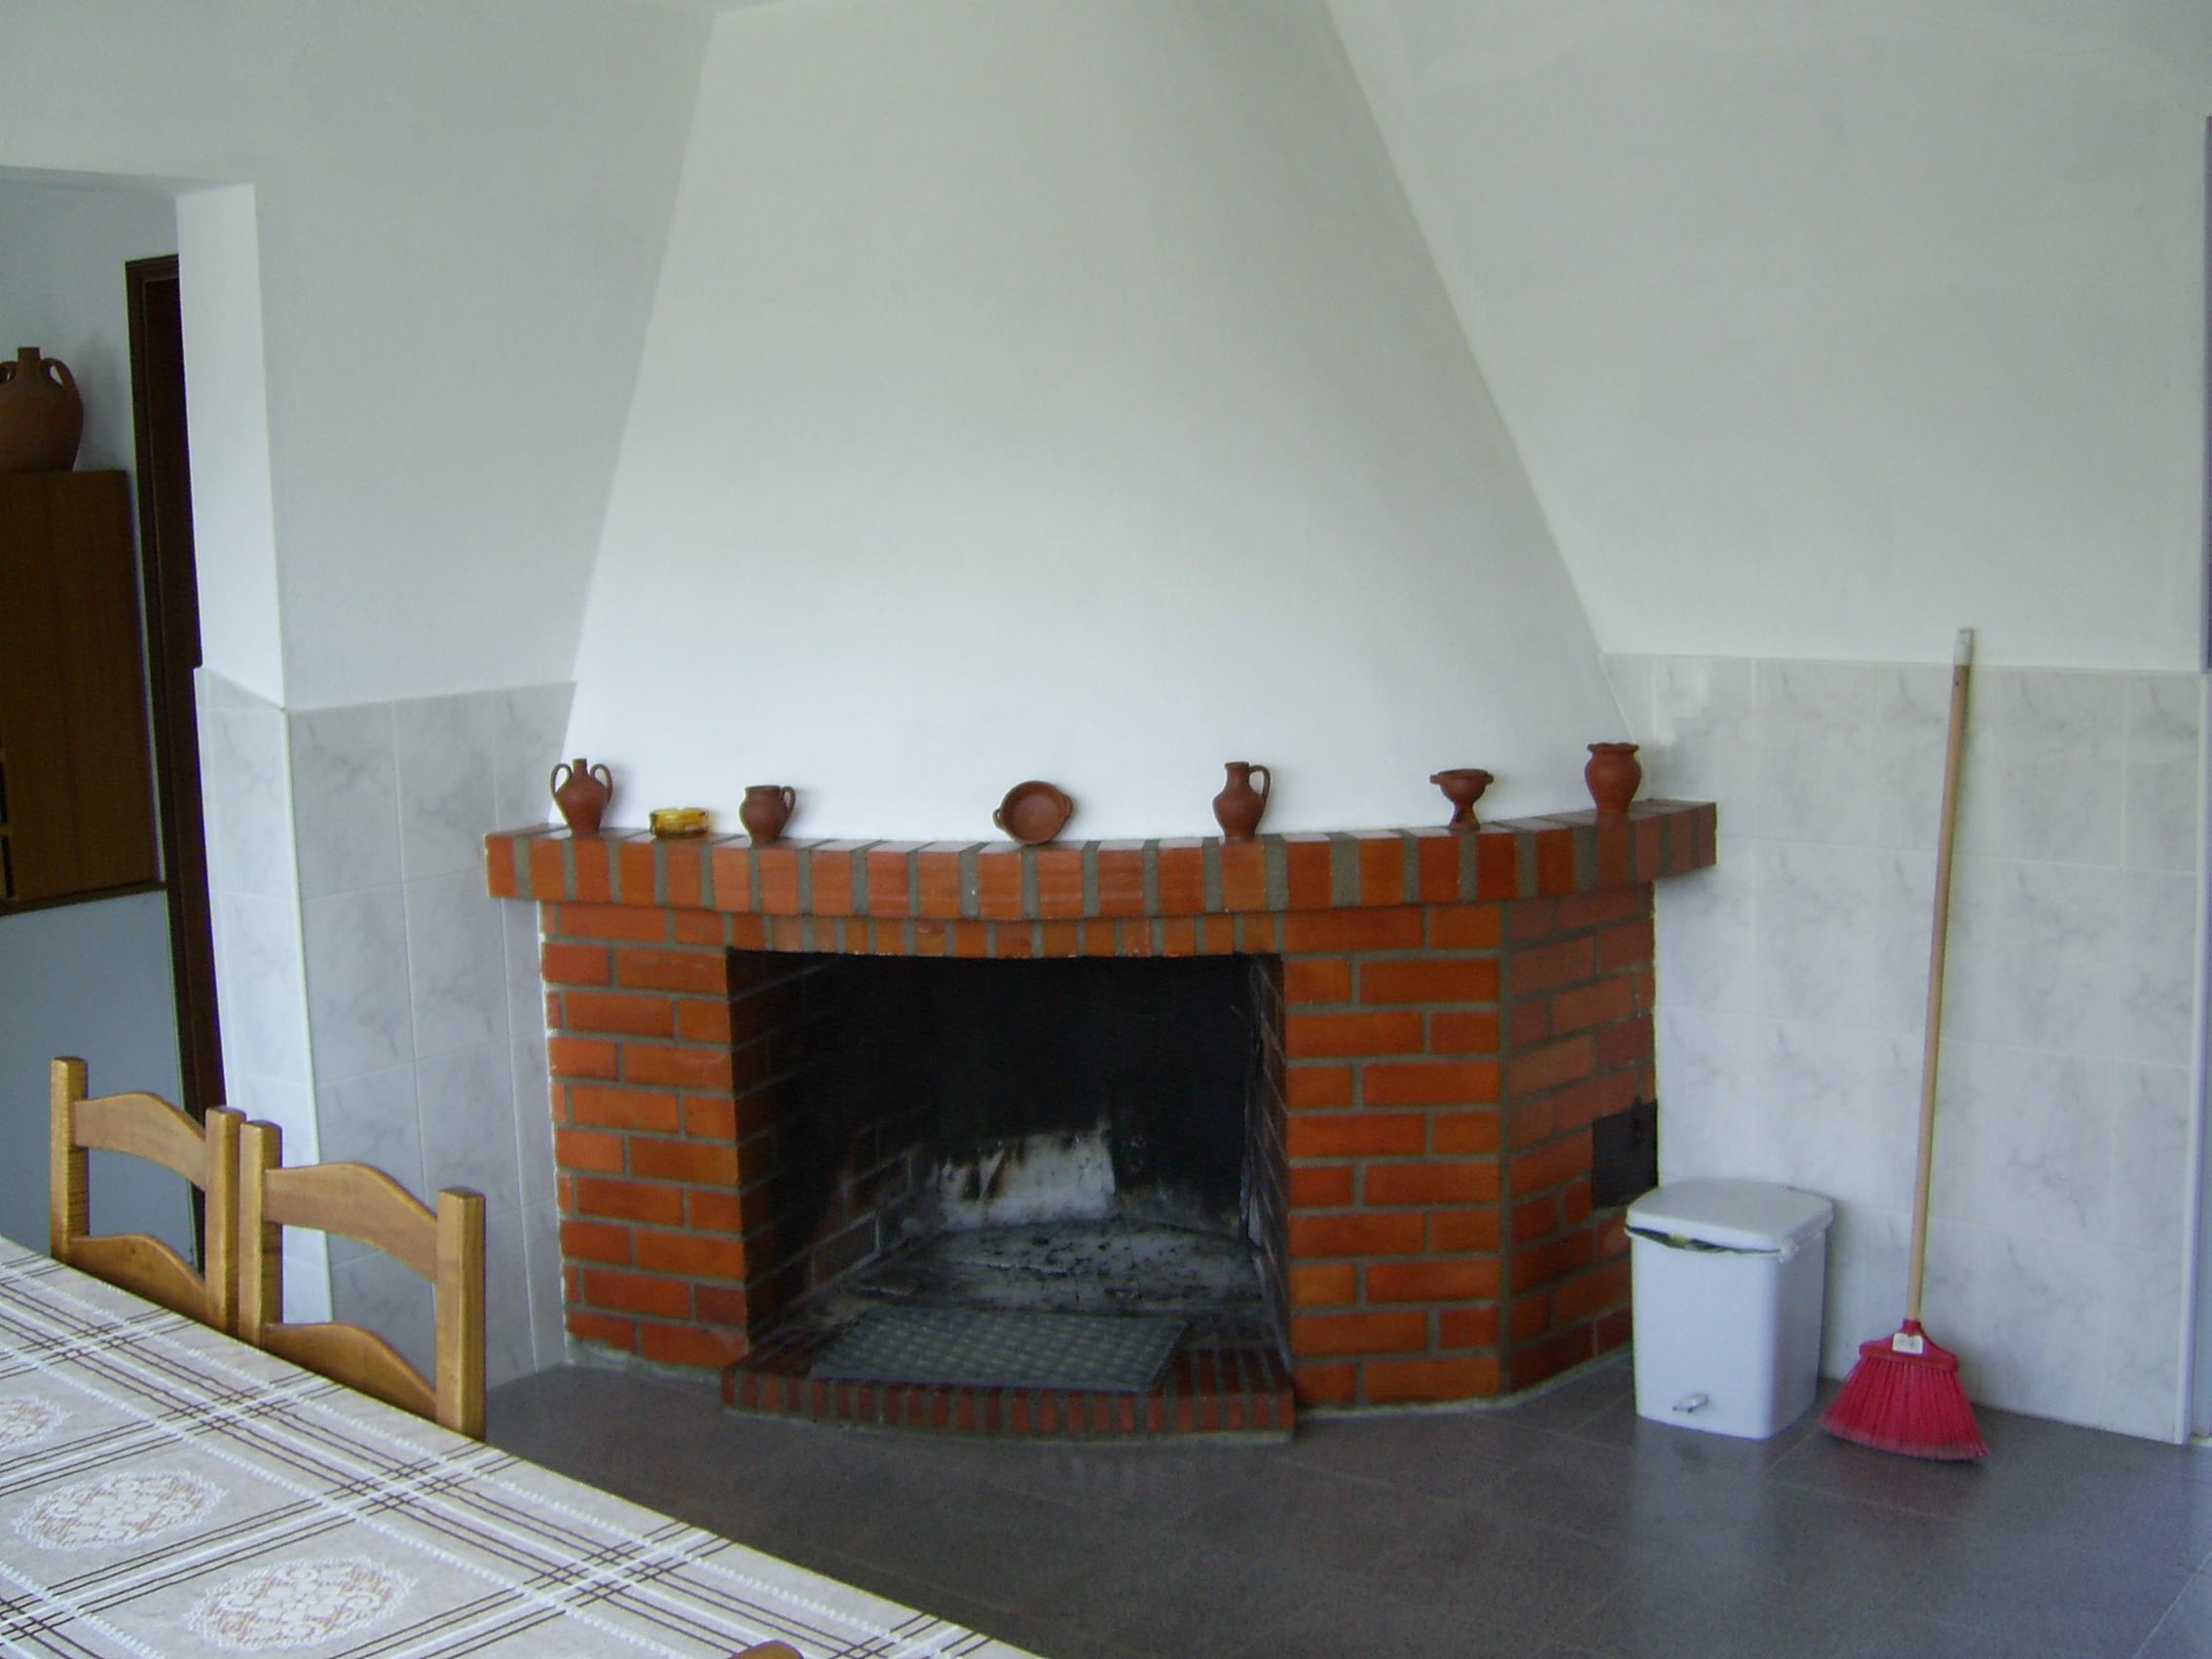 L int rieur de la maison l aumonerie au portugal for L interieur de la maison